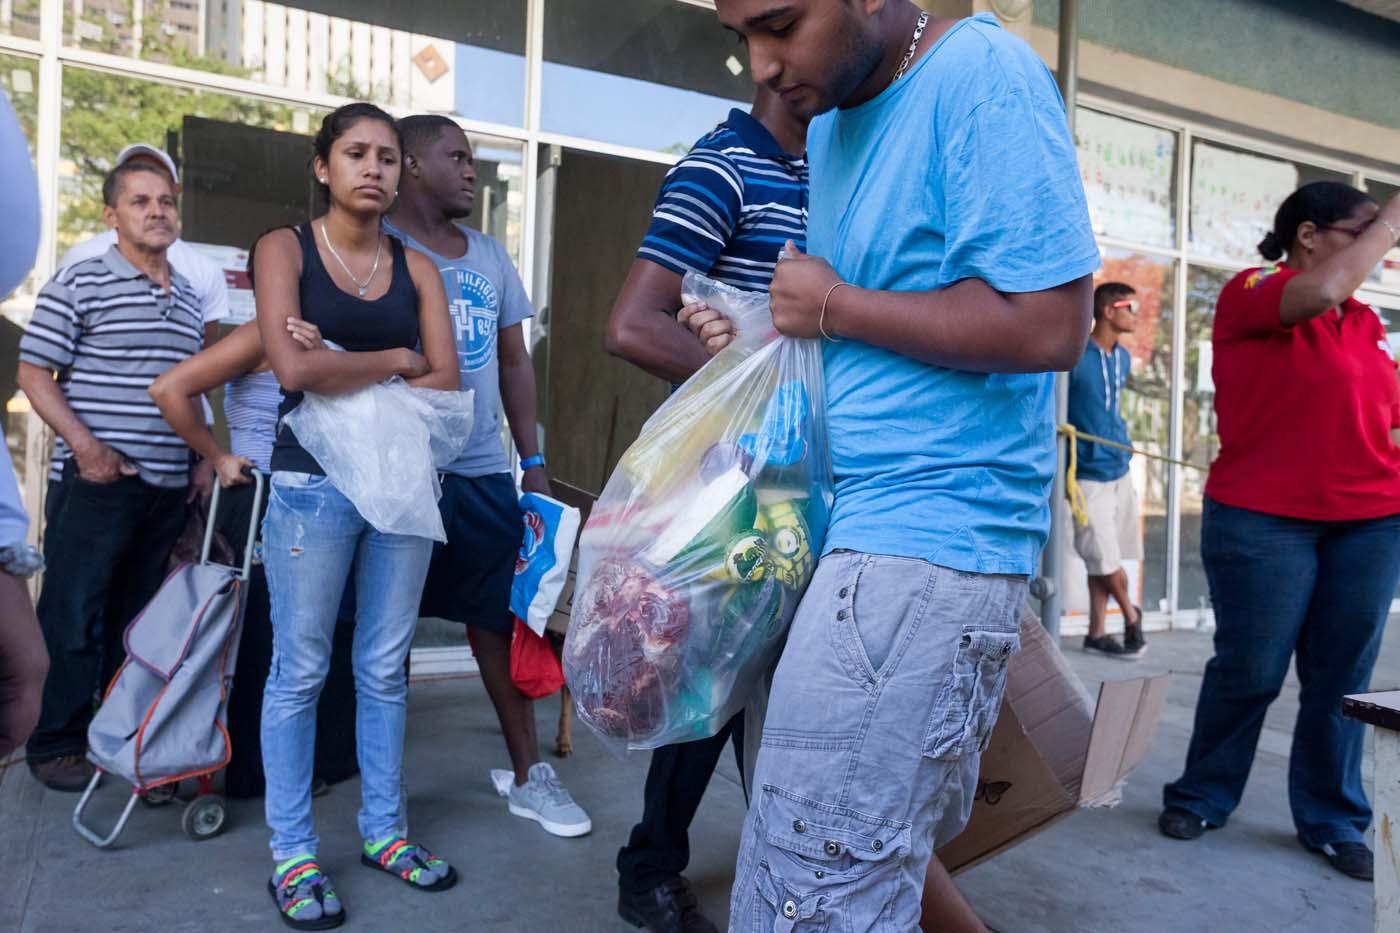 """CAR01. CARACAS (VENEZUELA), 23/01/2016.- Un hombre carga una bolsa con alimentos hoy, sábado 23 de enero de 2016, en la ciudad de Caracas (Venezuela). El presidente del Parlamento venezolano, el opositor Henry Ramos Allup, reiteró hoy que los problemas que afronta su país con una aguda crisis económica de carestía y escasez se agravarán si Nicolás Maduro sigue en la jefatura del Estado. La situación económica del quinto productor de petróleo del mundo se ha visto golpeada por la caída de los precios del crudo, que inició en septiembre de 2014 cuando se cotizaba en 90 dólares por barril y que cerró esta semana en 21,63 dólares. """"Este Gobierno va a resolver nada; mientras esté allí todos los problemas de Venezuela van a empeorar totalmente. Hasta que no salgamos democráticamente de este Gobierno, Venezuela no se va a recuperar ni podrá resolver ninguno de sus problemas"""", subrayó en un discurso ante manifestantes antigubernamentales en Caracas. EFE/MIGUEL GUTIERREZ"""